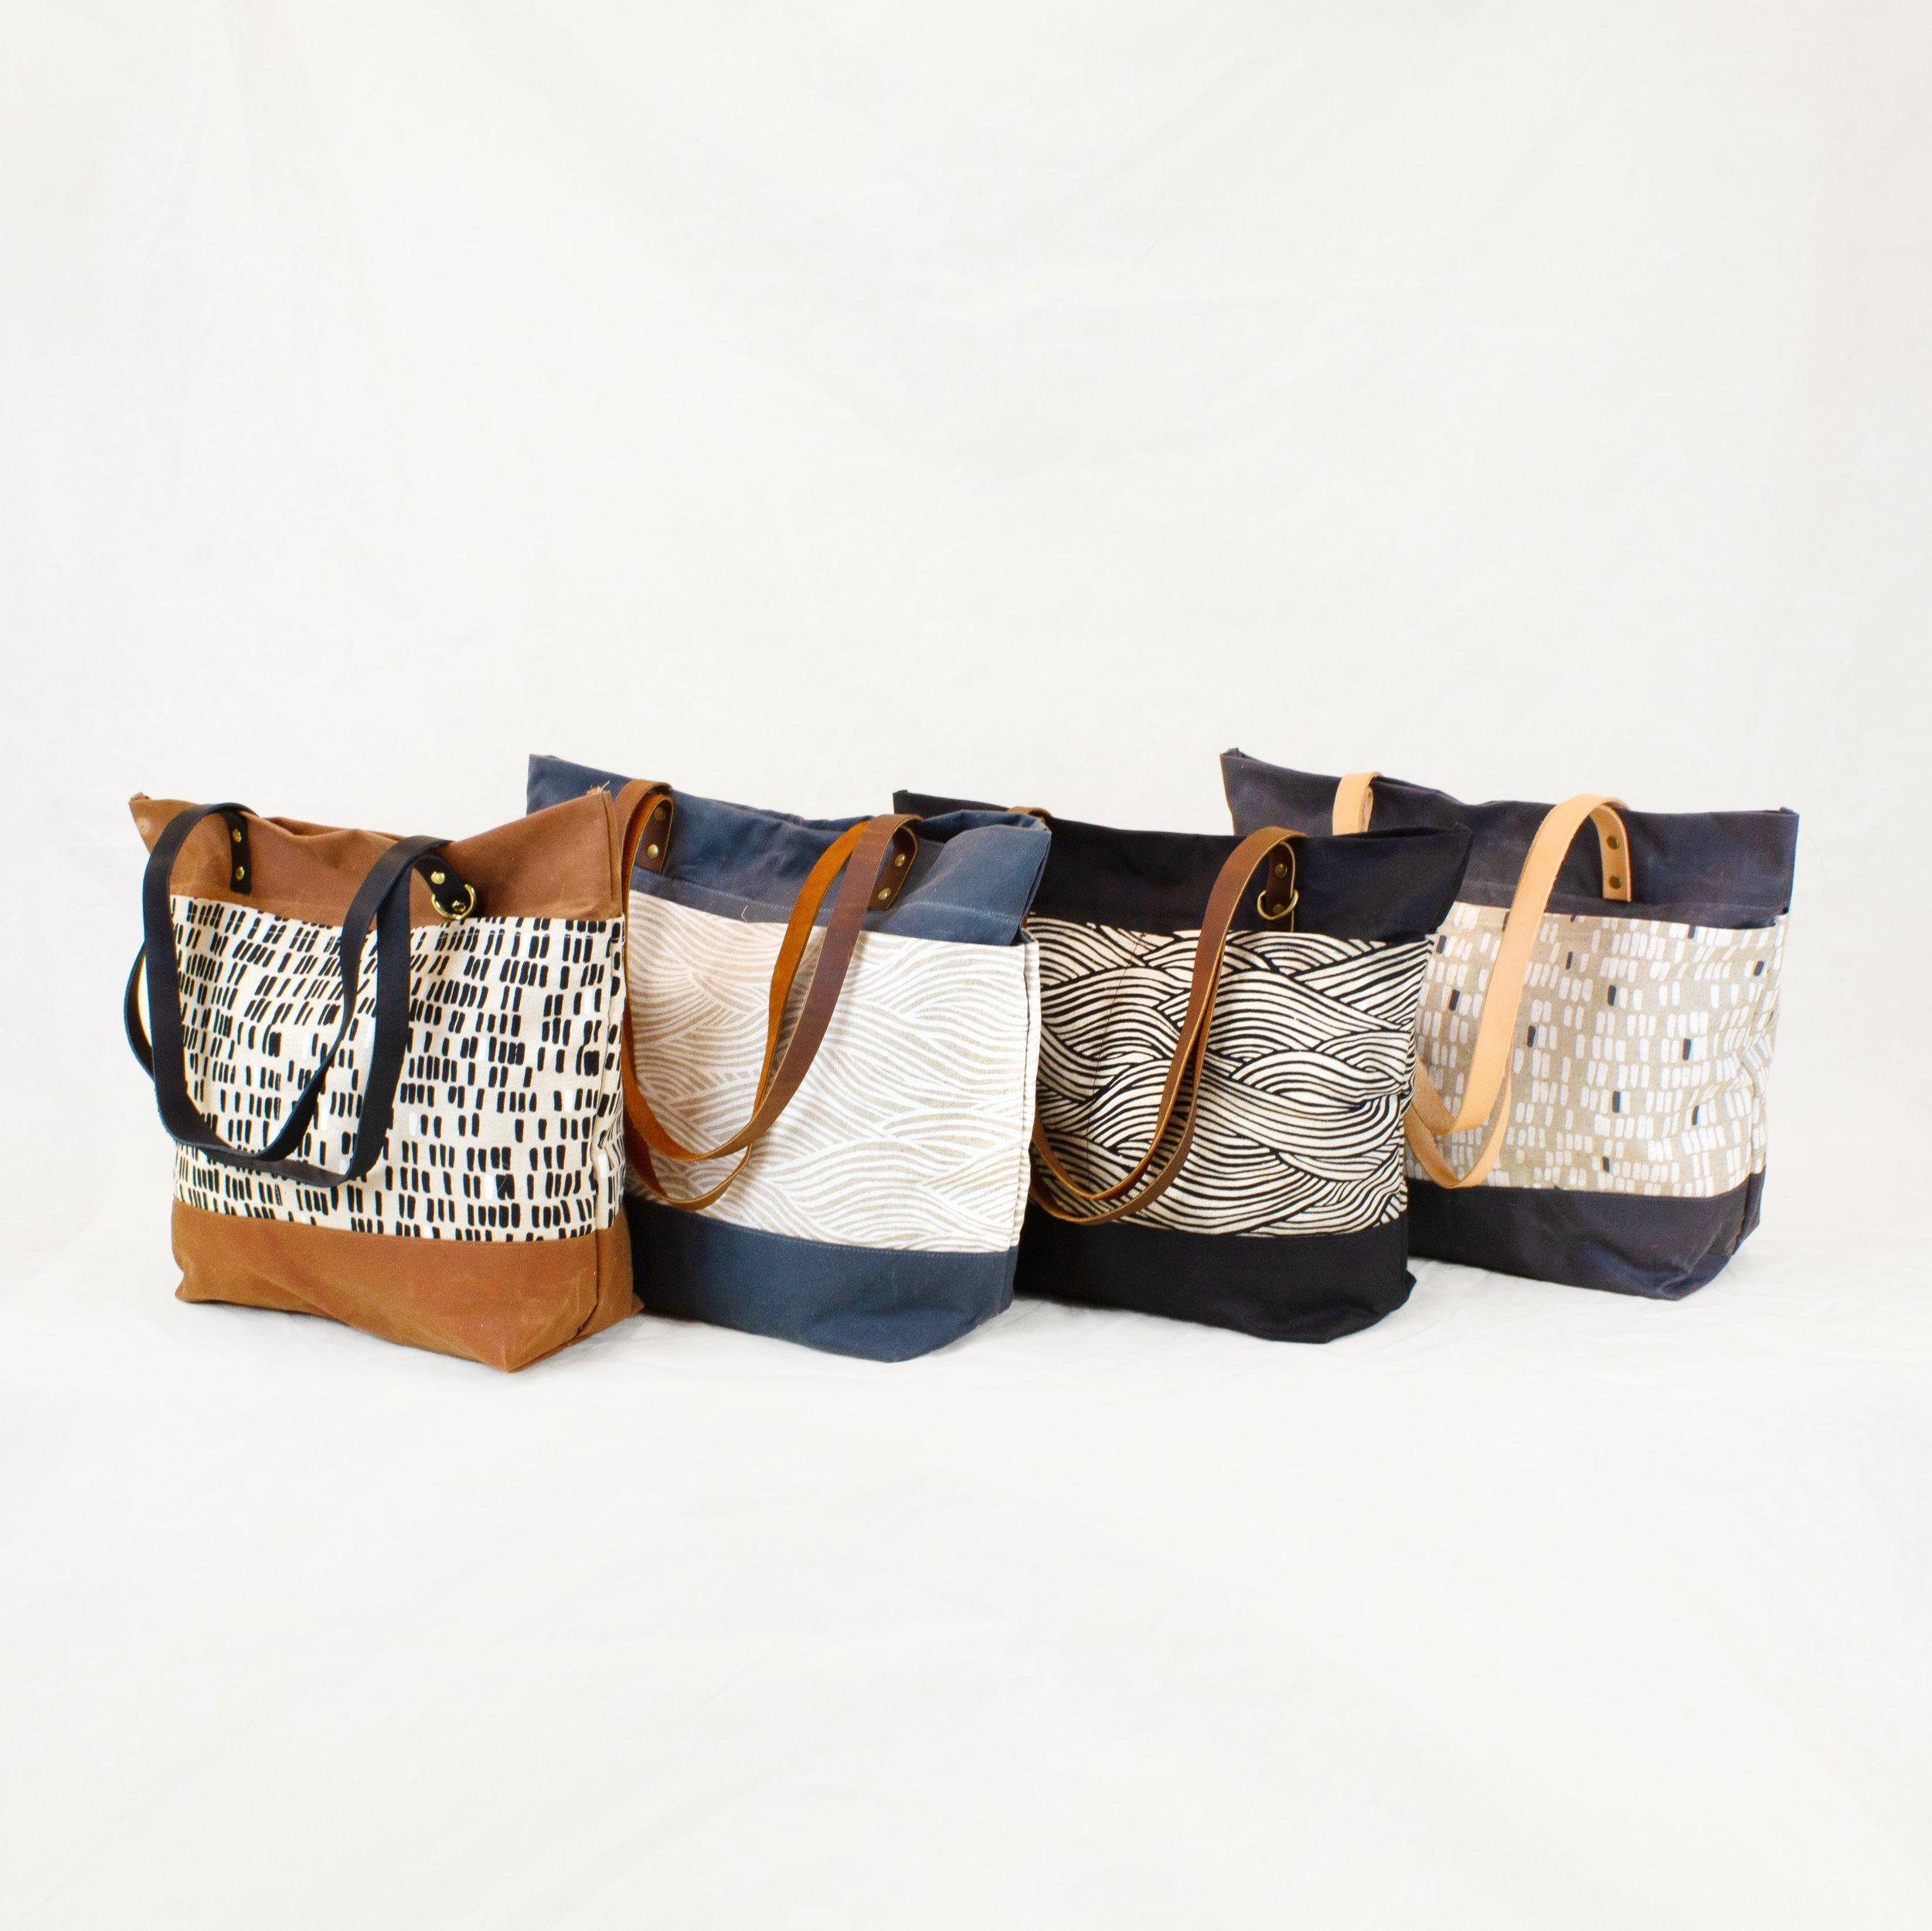 5. x4 bags upright-min.jpg